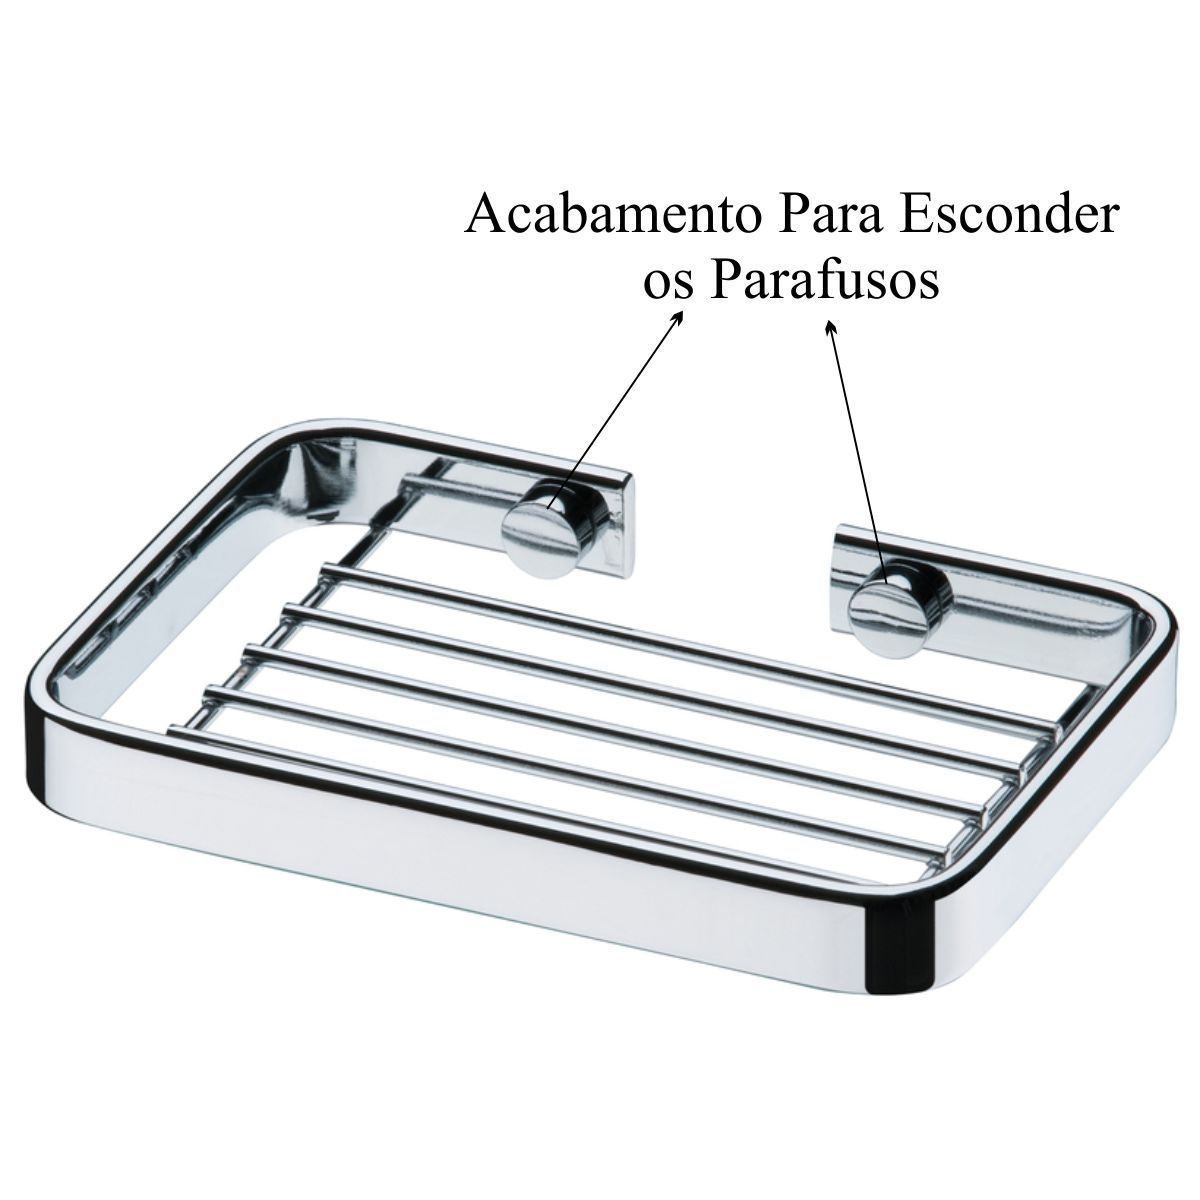 Conjunto Acessórios Banheiro 4 Peças Cabide Saboneteira - Cromado